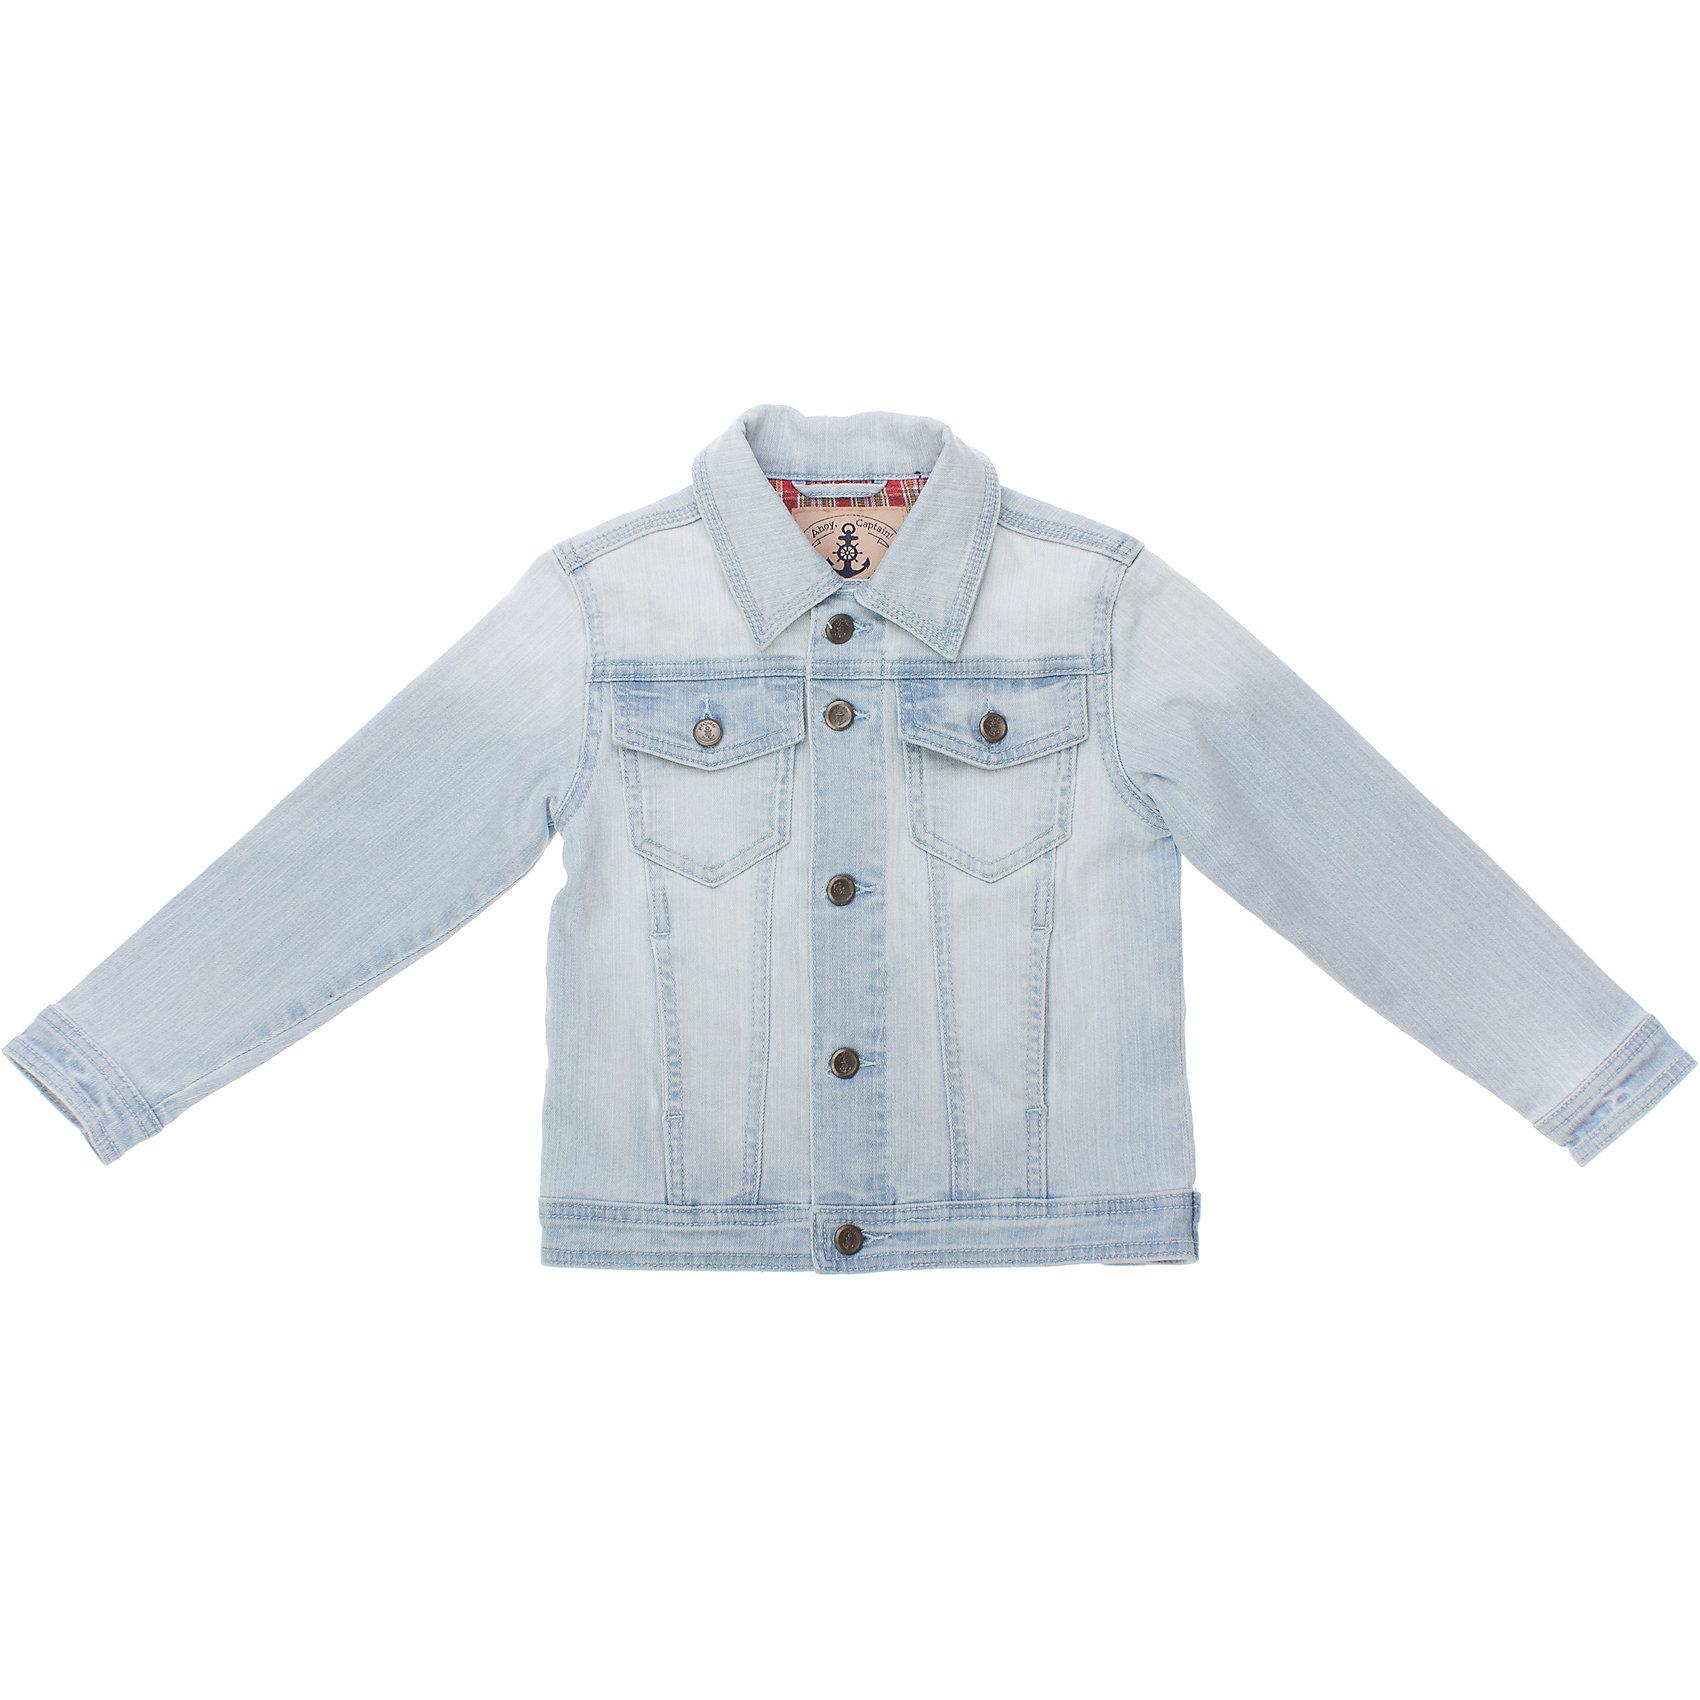 Куртка джинсовая для мальчика PlayTodayДжинсовая одежда<br>Куртка для мальчика PlayToday <br><br>Состав: 90% хлопок, 8% вискоза, 2% эластан <br><br>Классическая голубая джинса<br>Застегивается на металлические пуговки с якорями<br>На груди 2 кармана на пуговках<br><br>Ширина мм: 356<br>Глубина мм: 10<br>Высота мм: 245<br>Вес г: 519<br>Цвет: разноцветный<br>Возраст от месяцев: 72<br>Возраст до месяцев: 84<br>Пол: Мужской<br>Возраст: Детский<br>Размер: 116,128,122,110,98,104<br>SKU: 4504187